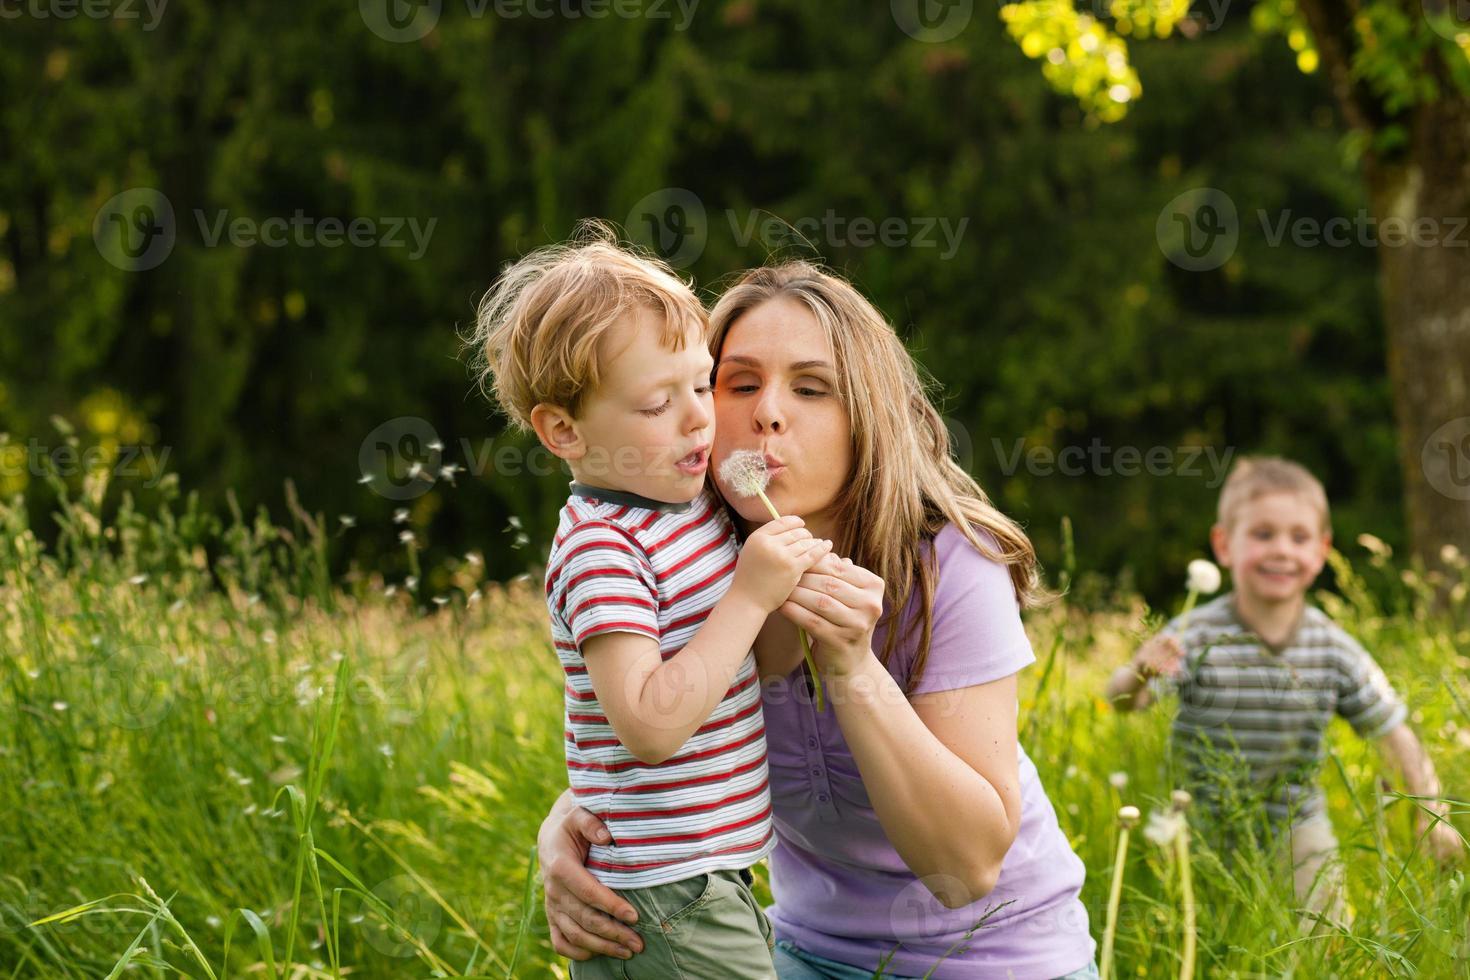 verão em família - soprando sementes de dente de leão foto